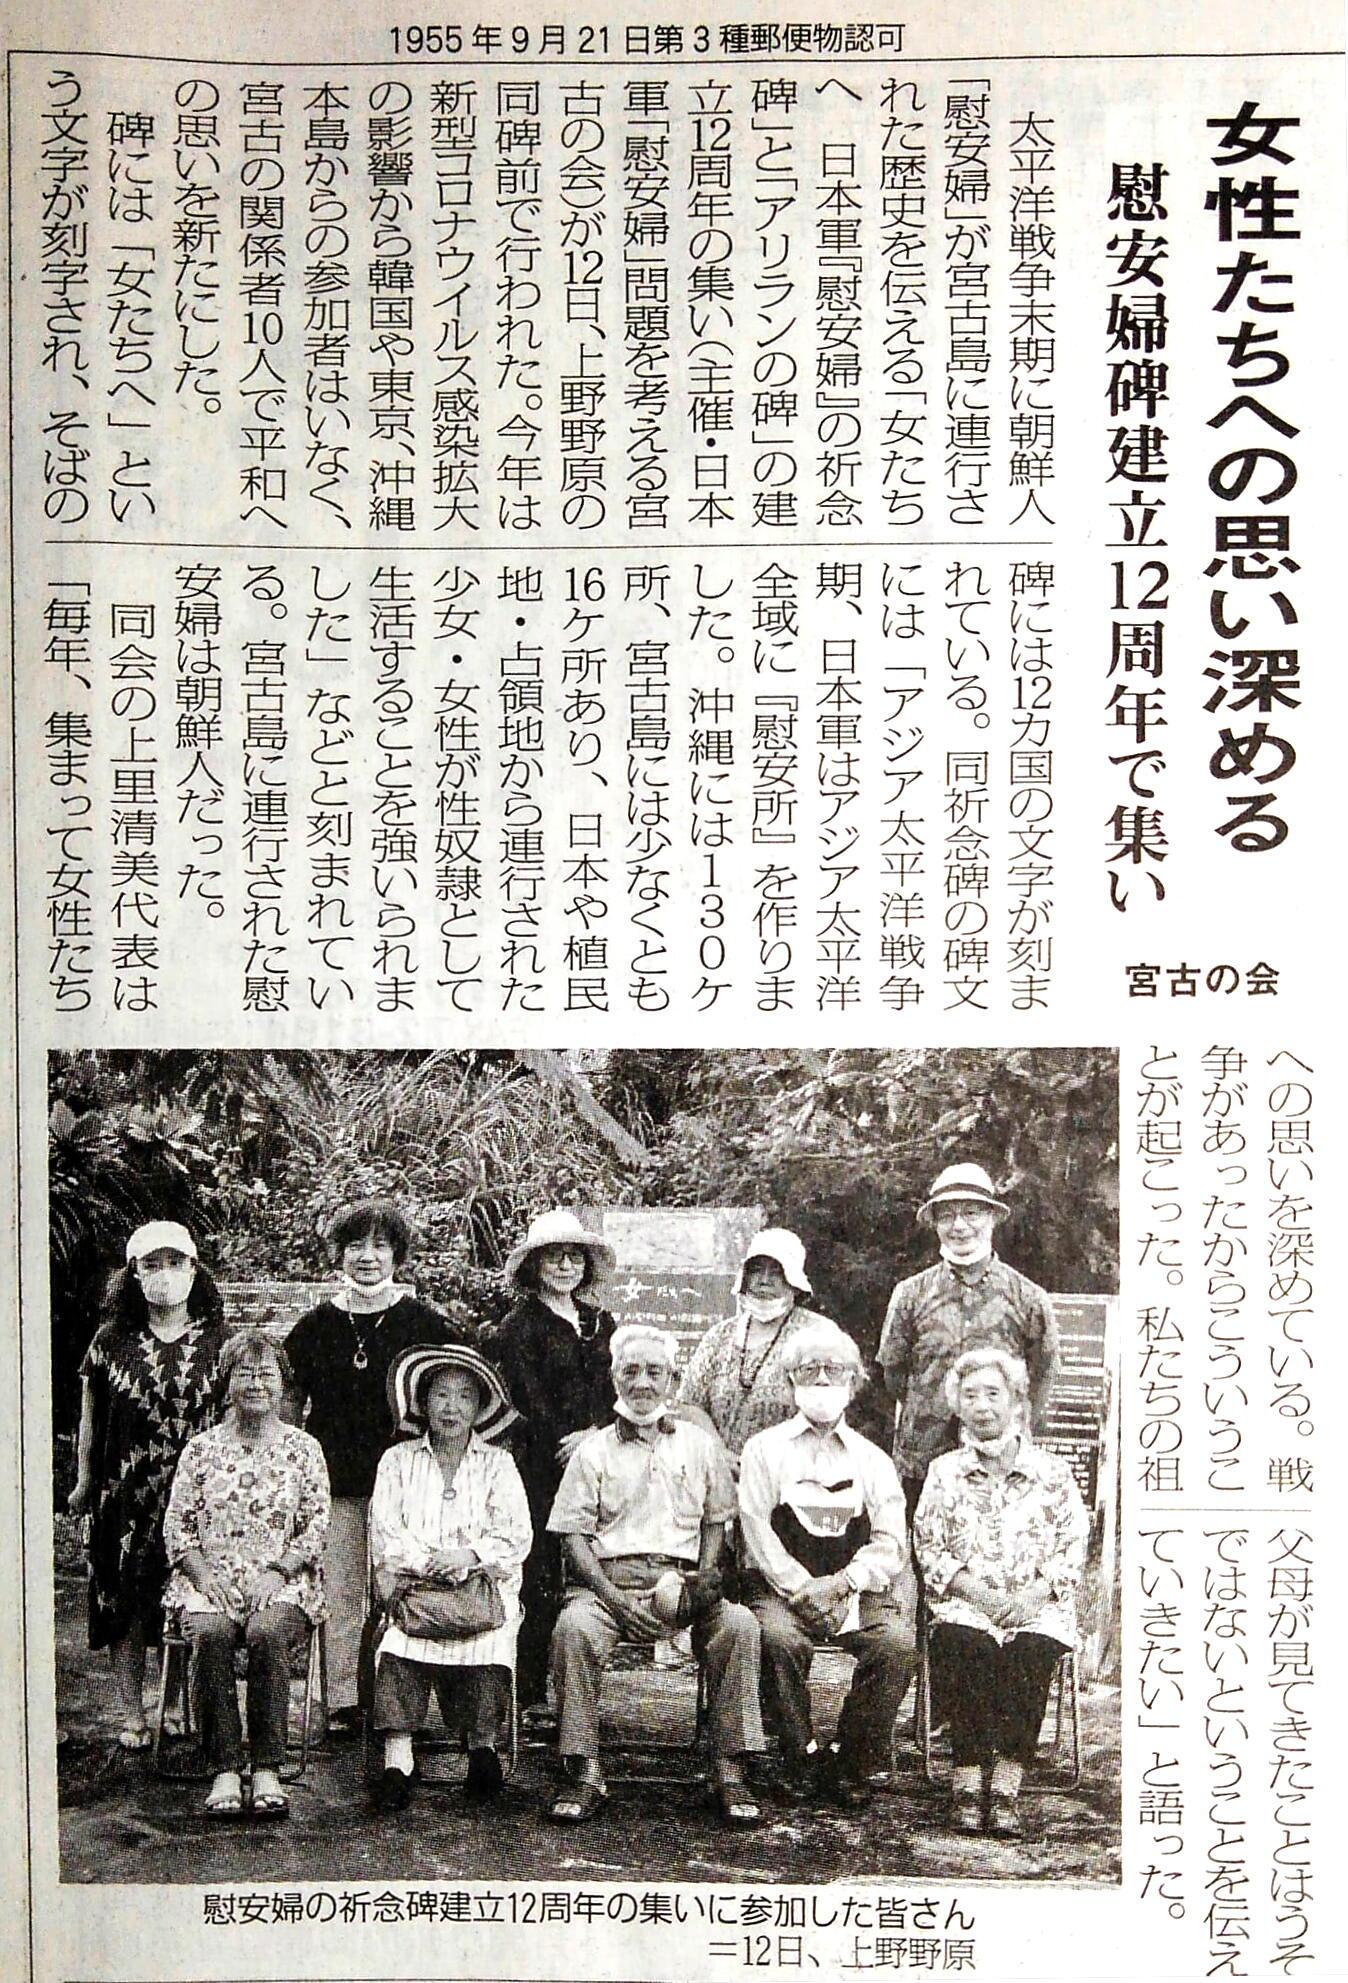 miyakomainichi2020 09161